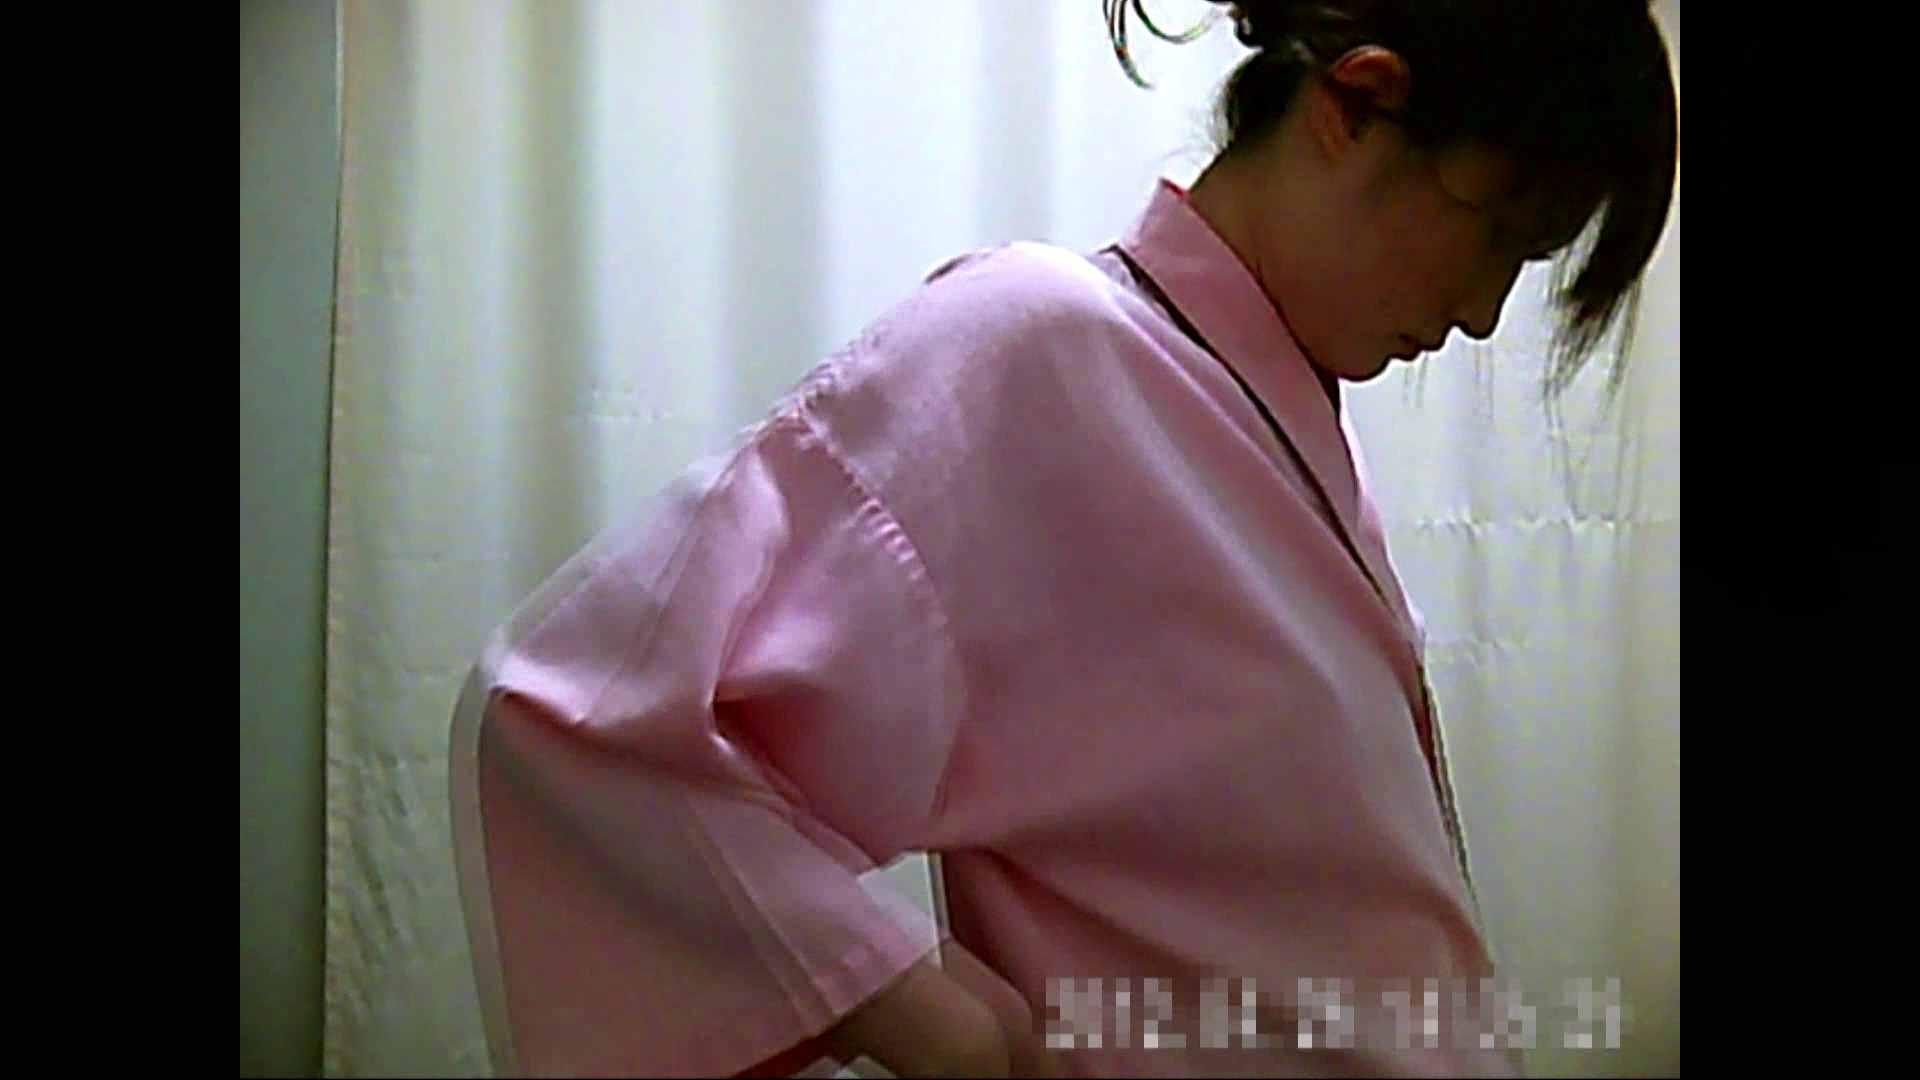 元医者による反抗 更衣室地獄絵巻 vol.007 OL  85pic 25